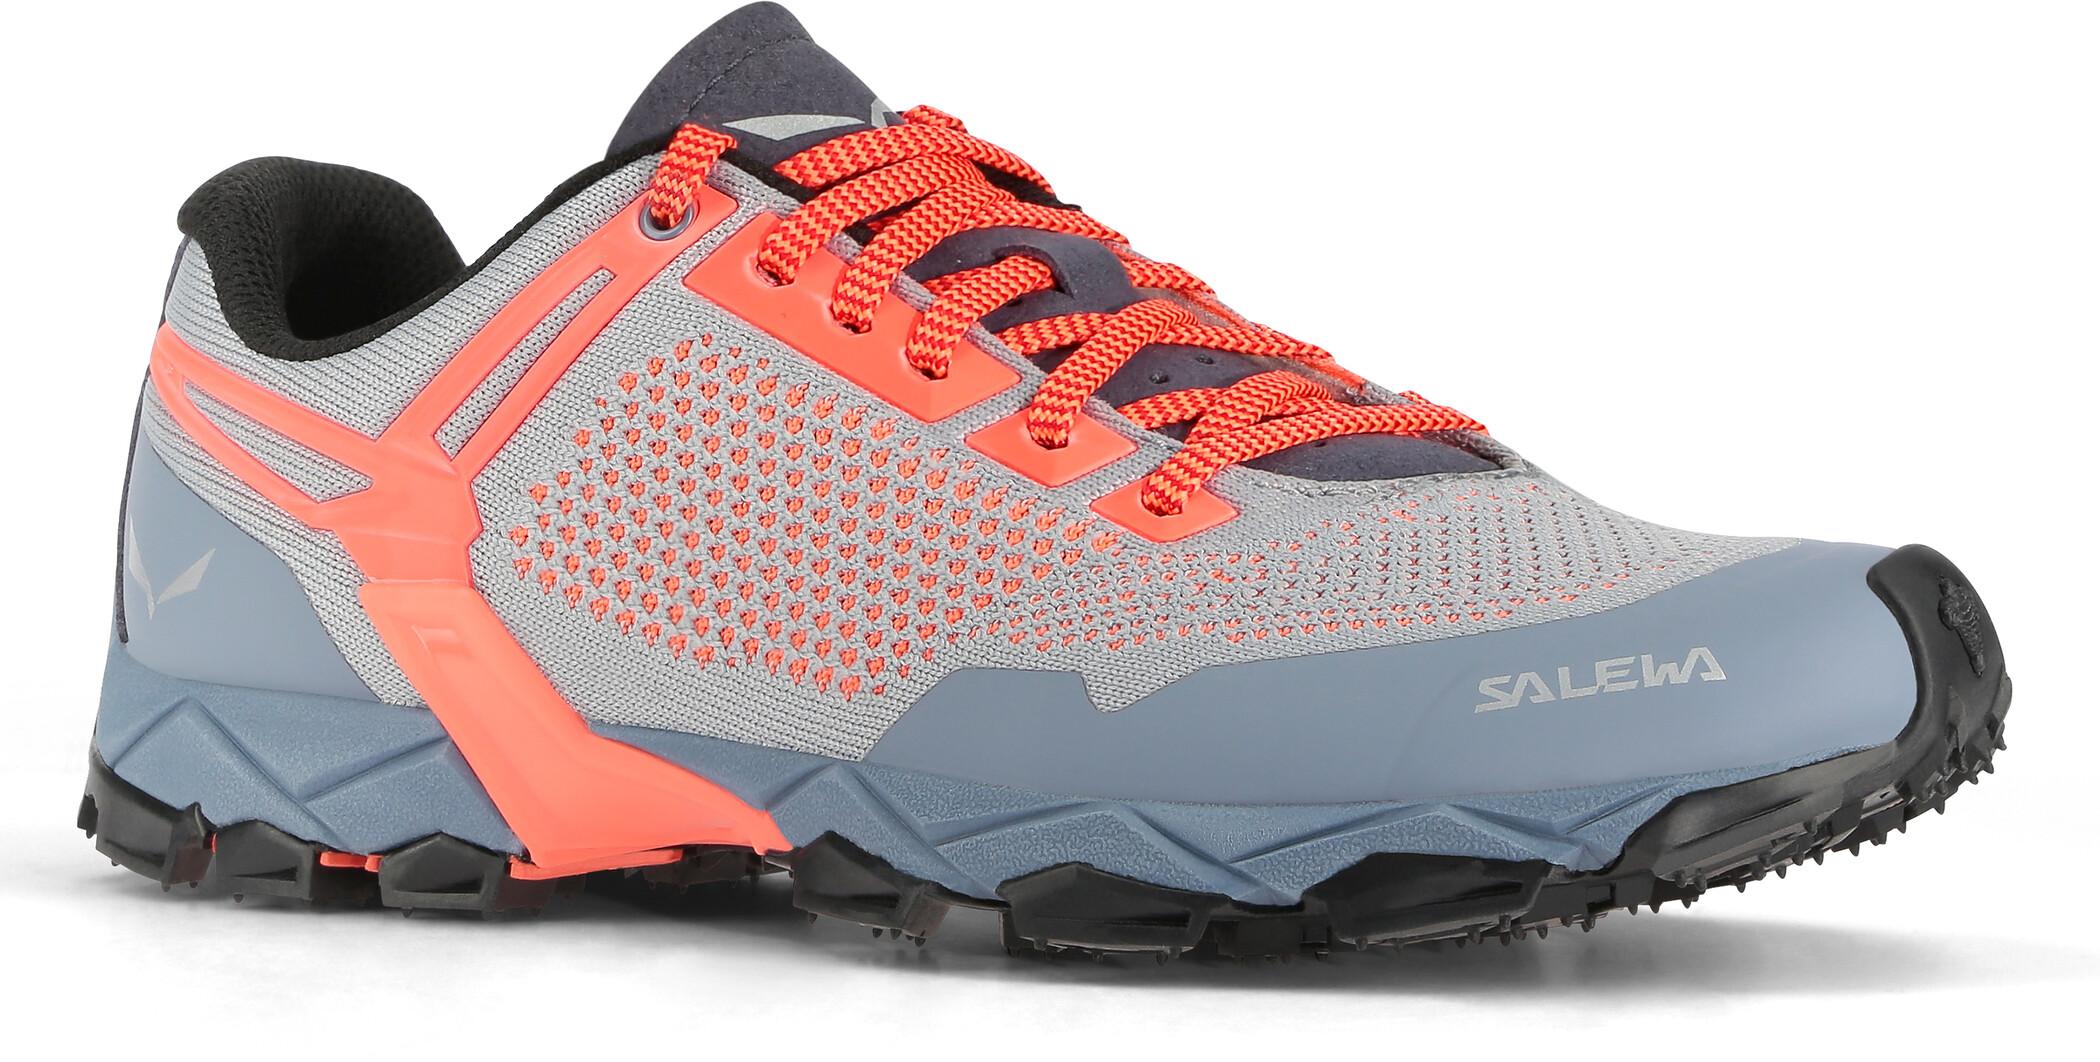 SALEWA Lite Train K Schuhe Damen |